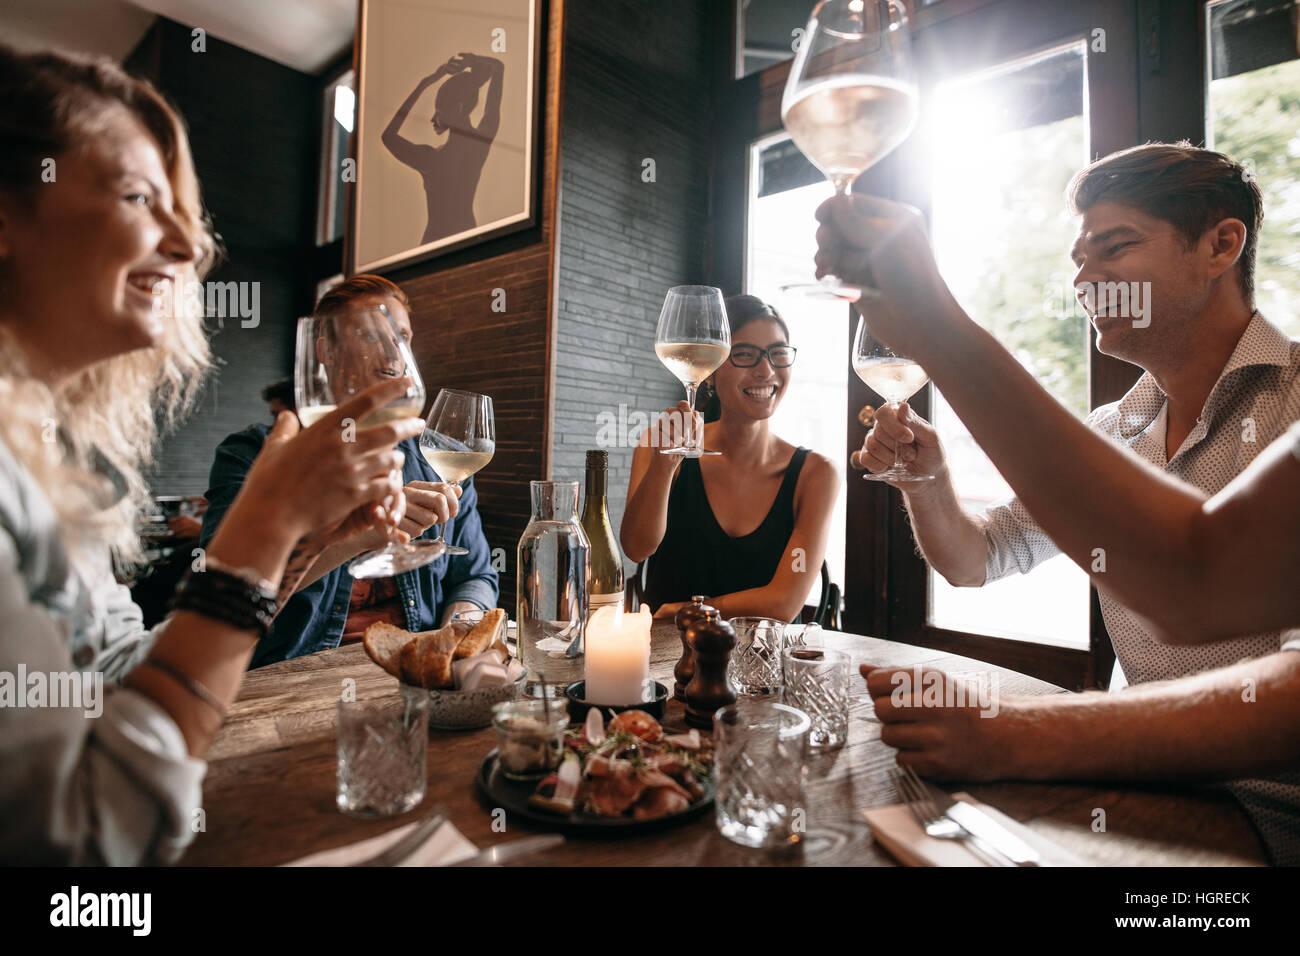 Groupe d'amis faire un toast au restaurant. Les jeunes amis assis à une table, le grillage avec vin et bénéficiant Banque D'Images